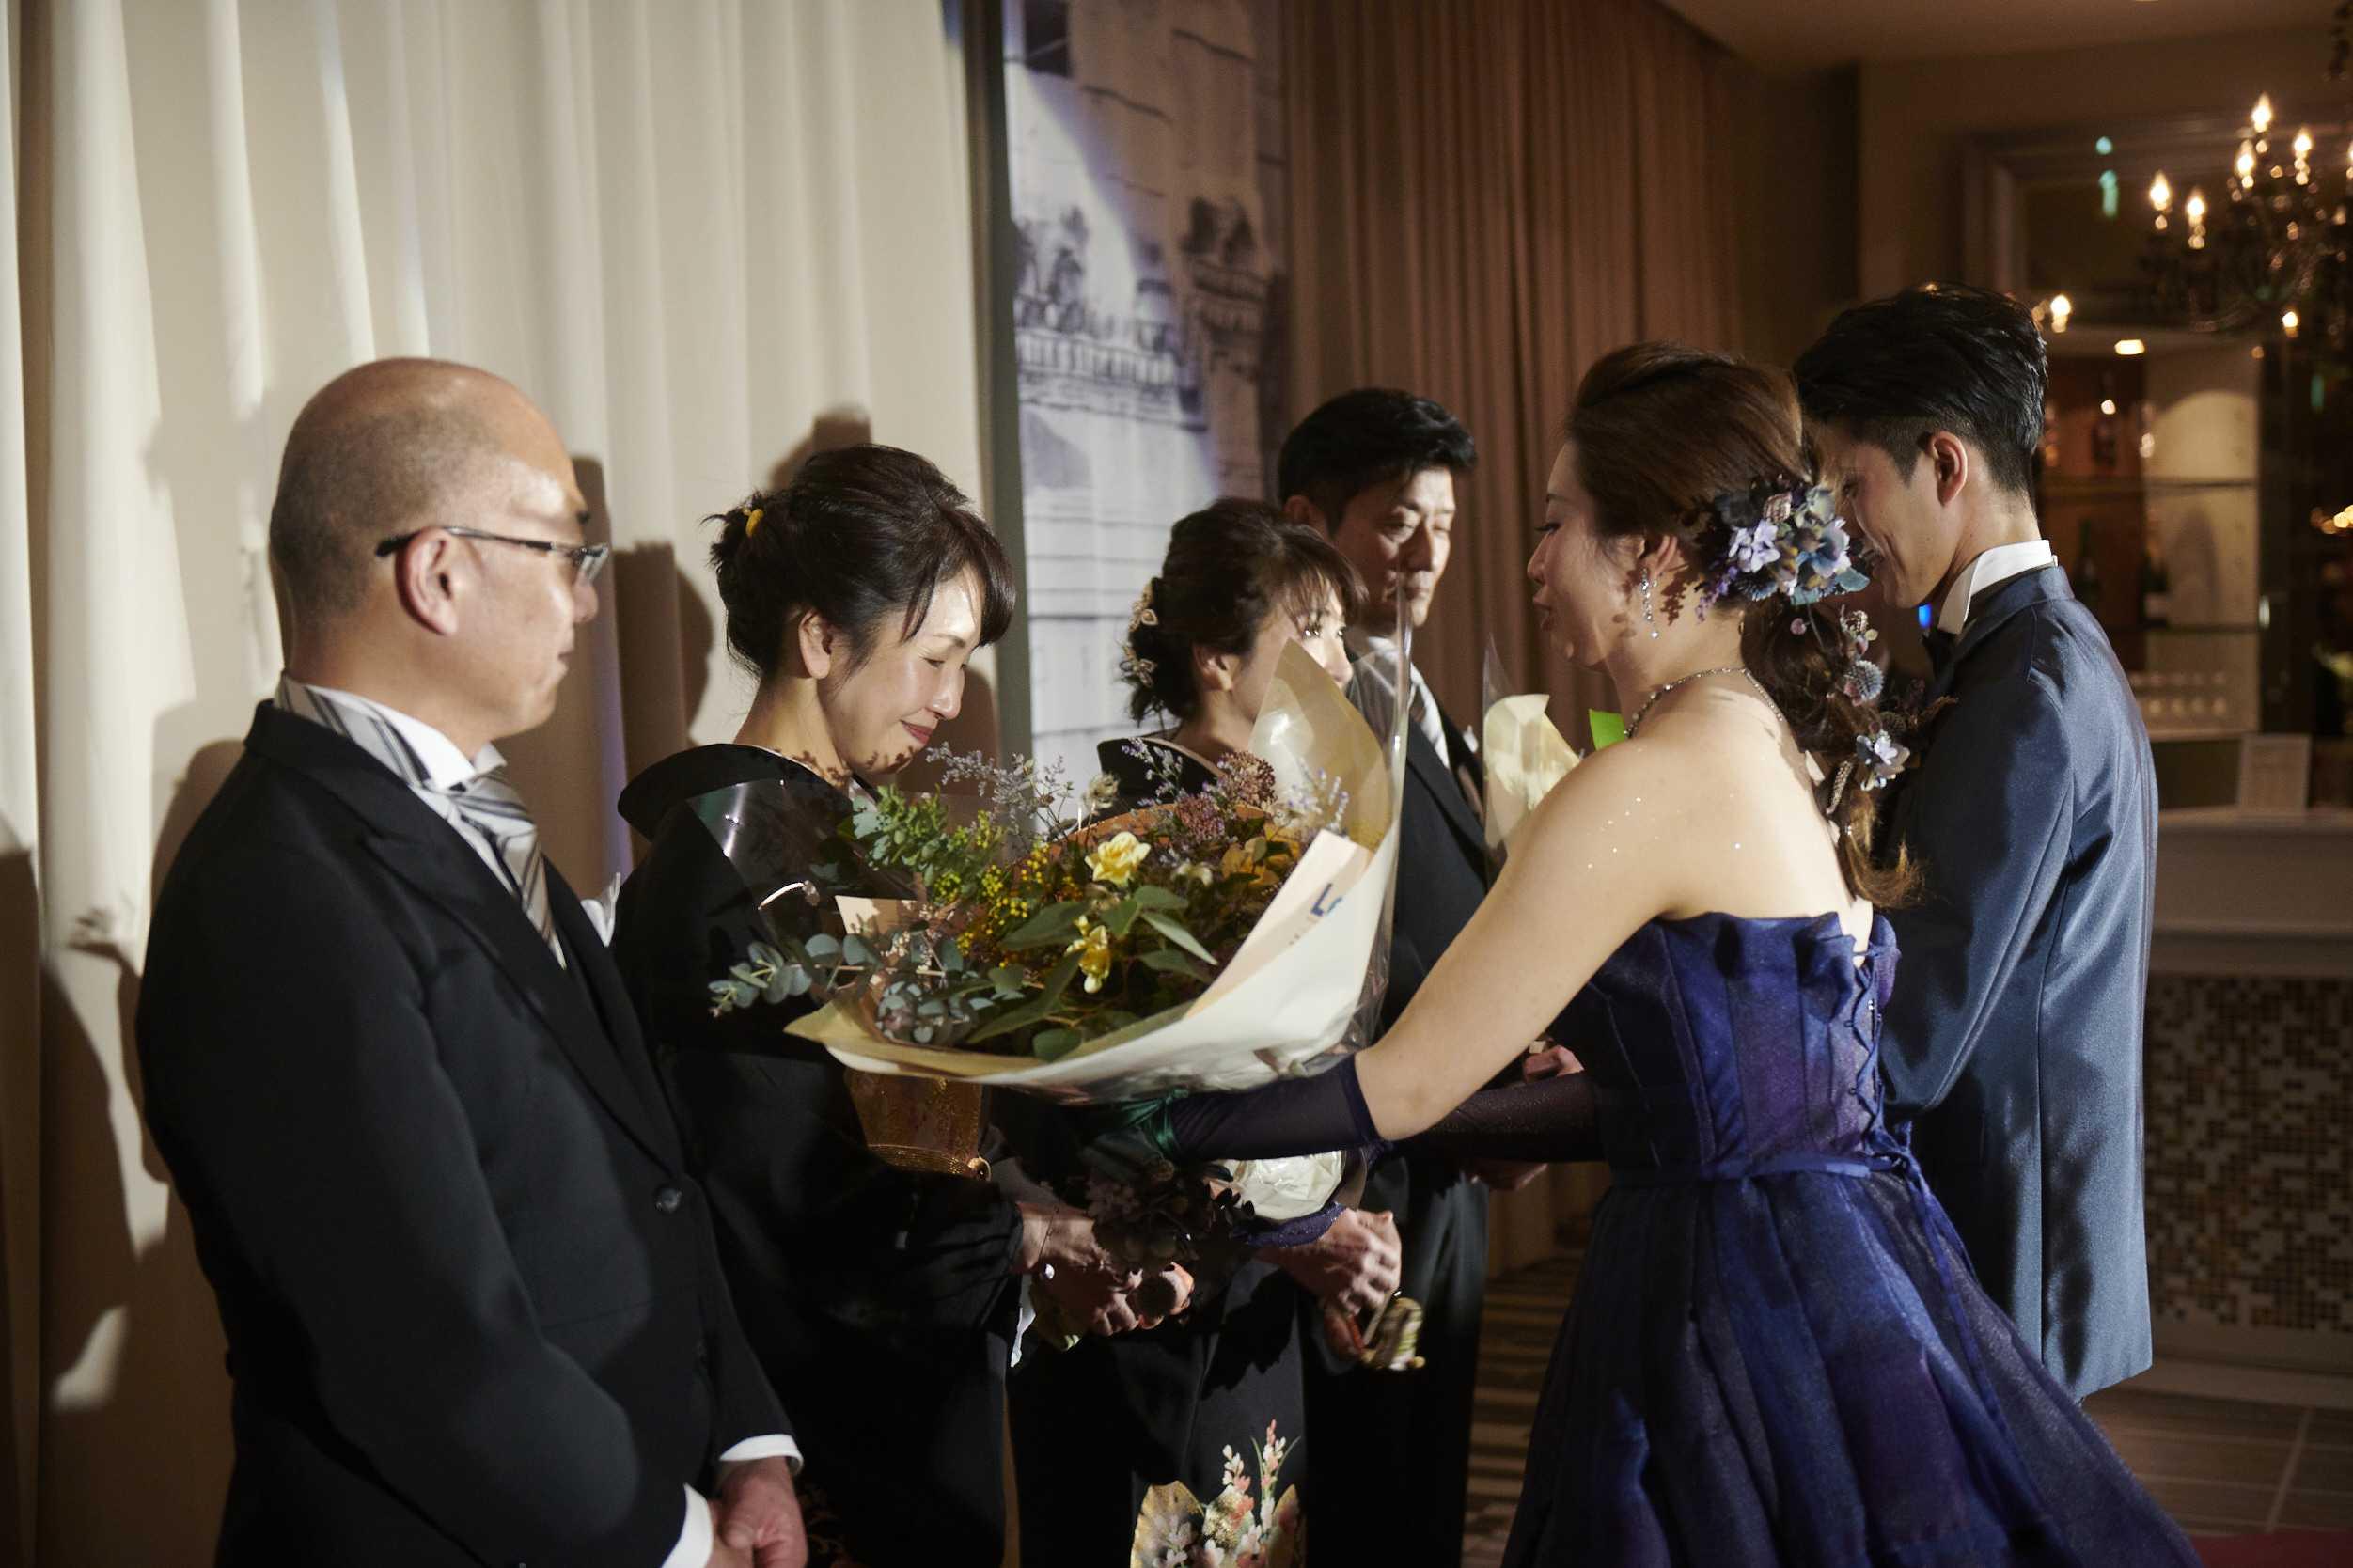 徳島市の結婚式場ブランアンジュで感謝の気持ちをこめた花束贈呈